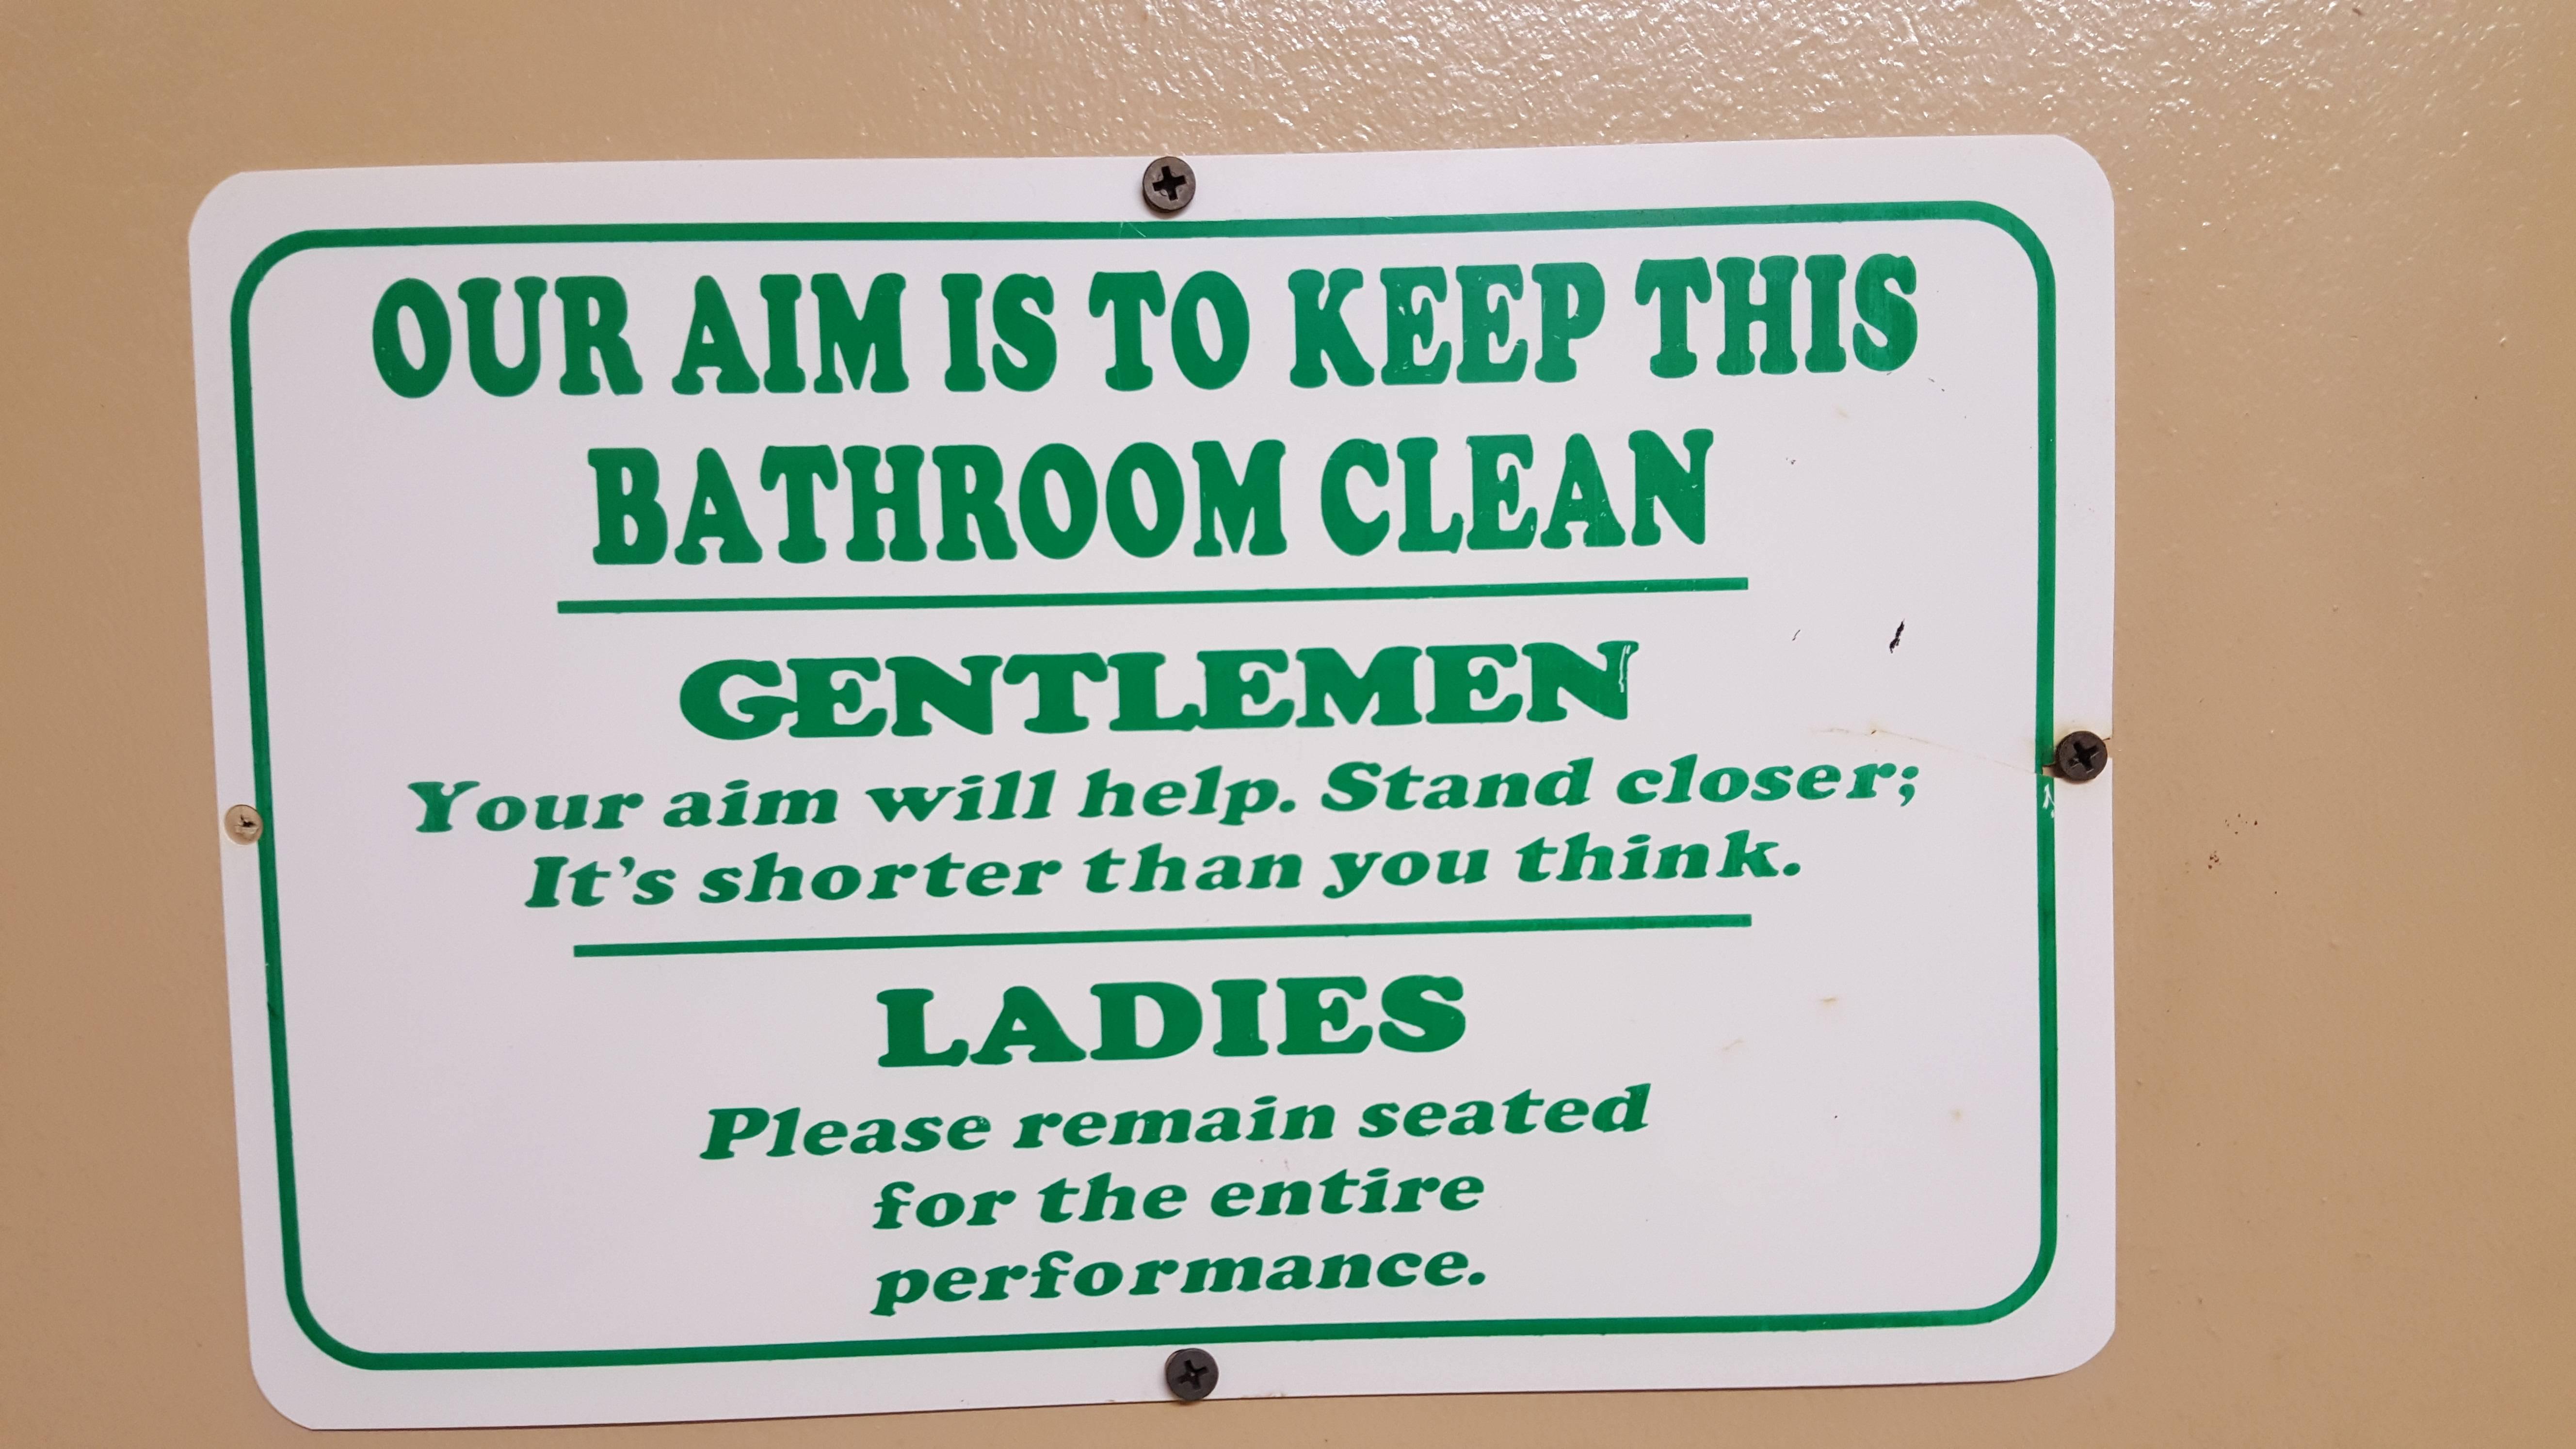 toilet-etiquette funny signs